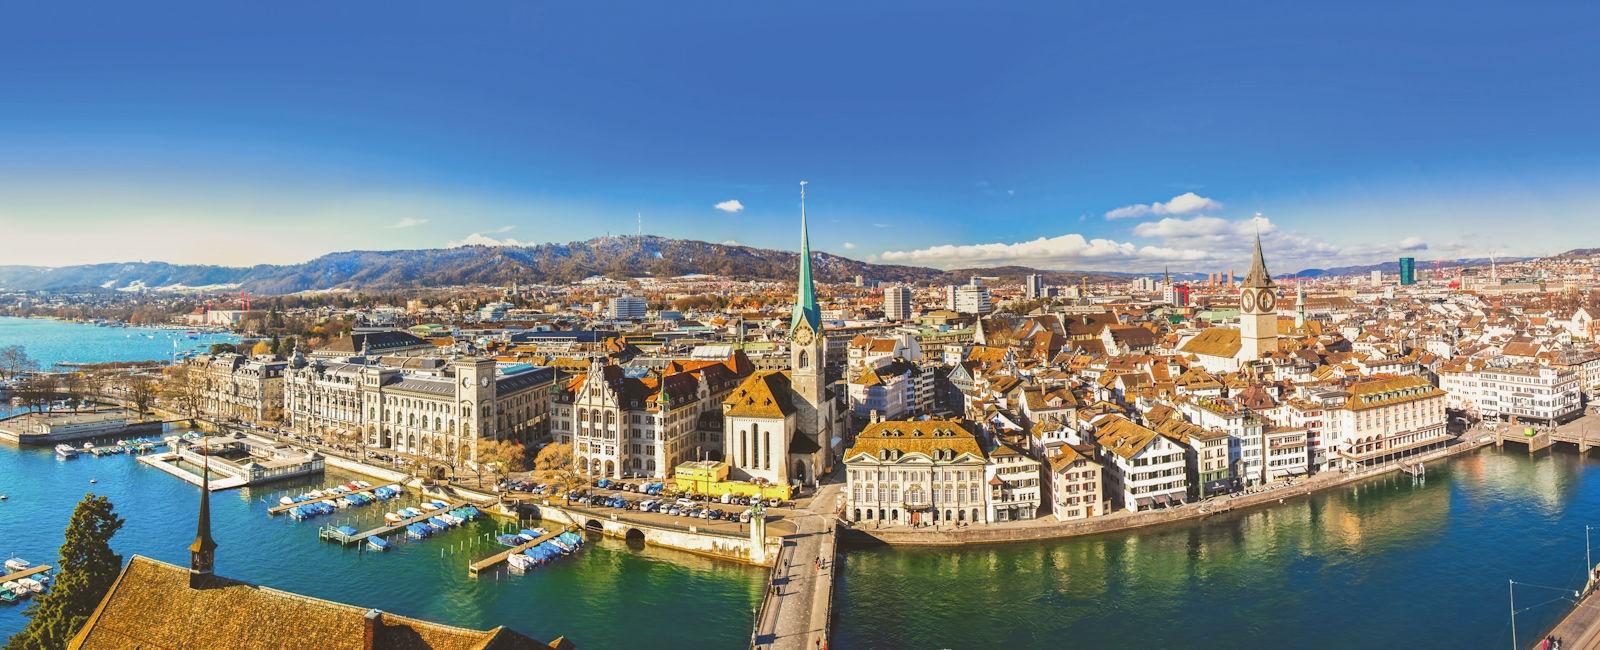 Zurich main image